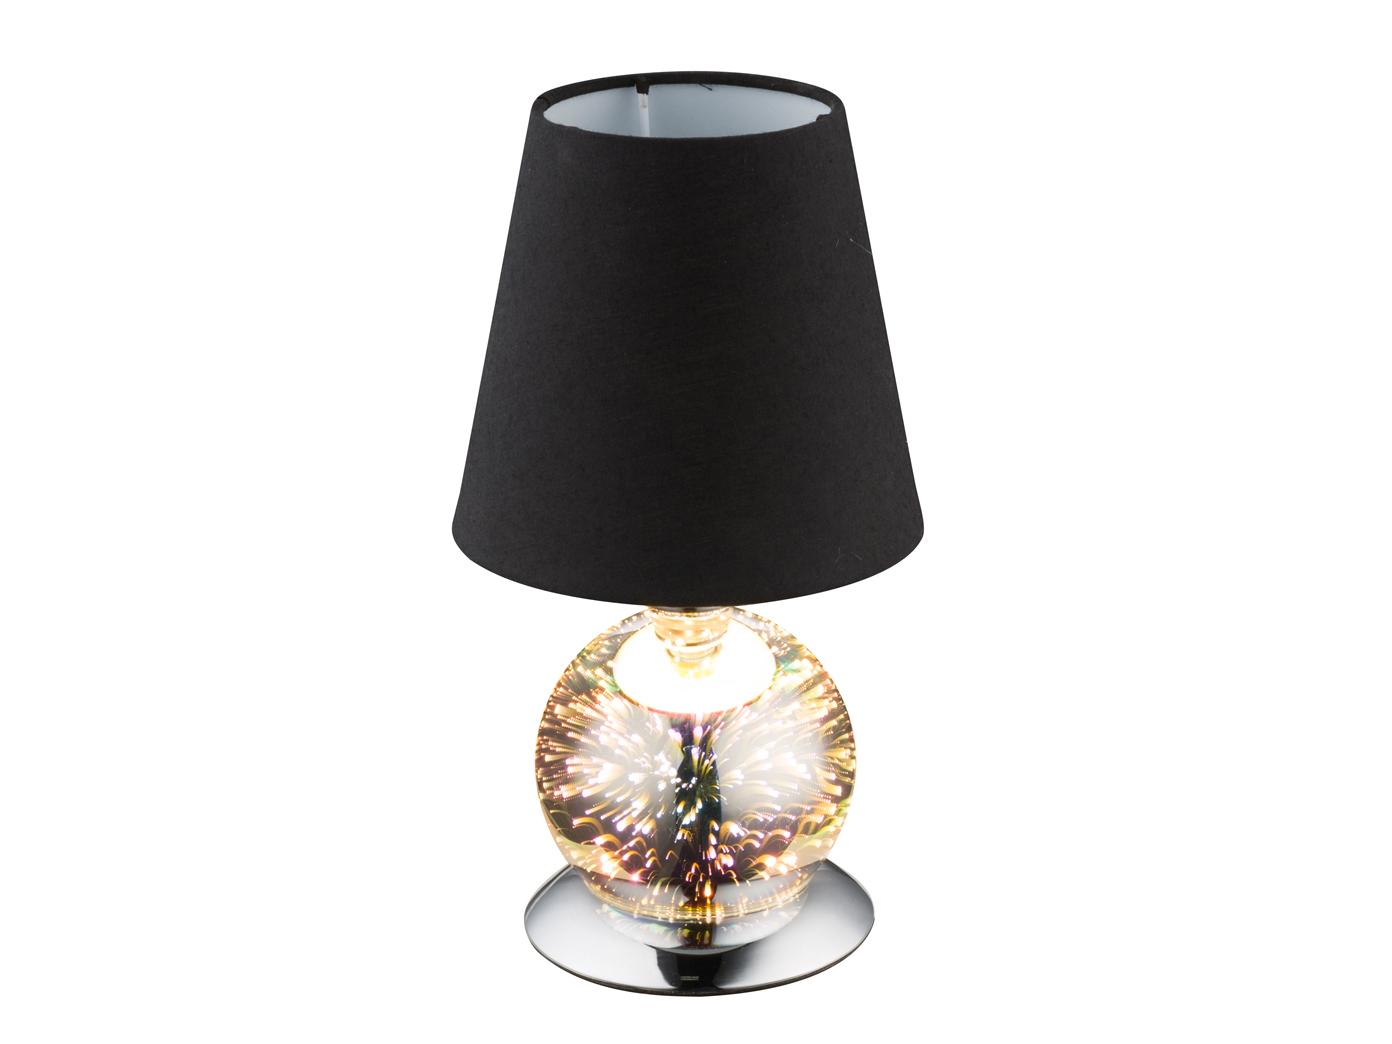 Full Size of 5a71129a80738 Wohnzimmer Deckenleuchte Hängeschrank Weiß Hochglanz Led Lampen Tisch Stehlampe Bilder Xxl Liege Gardine Teppiche Deckenlampe Tischlampe Wohnzimmer Tischlampe Wohnzimmer